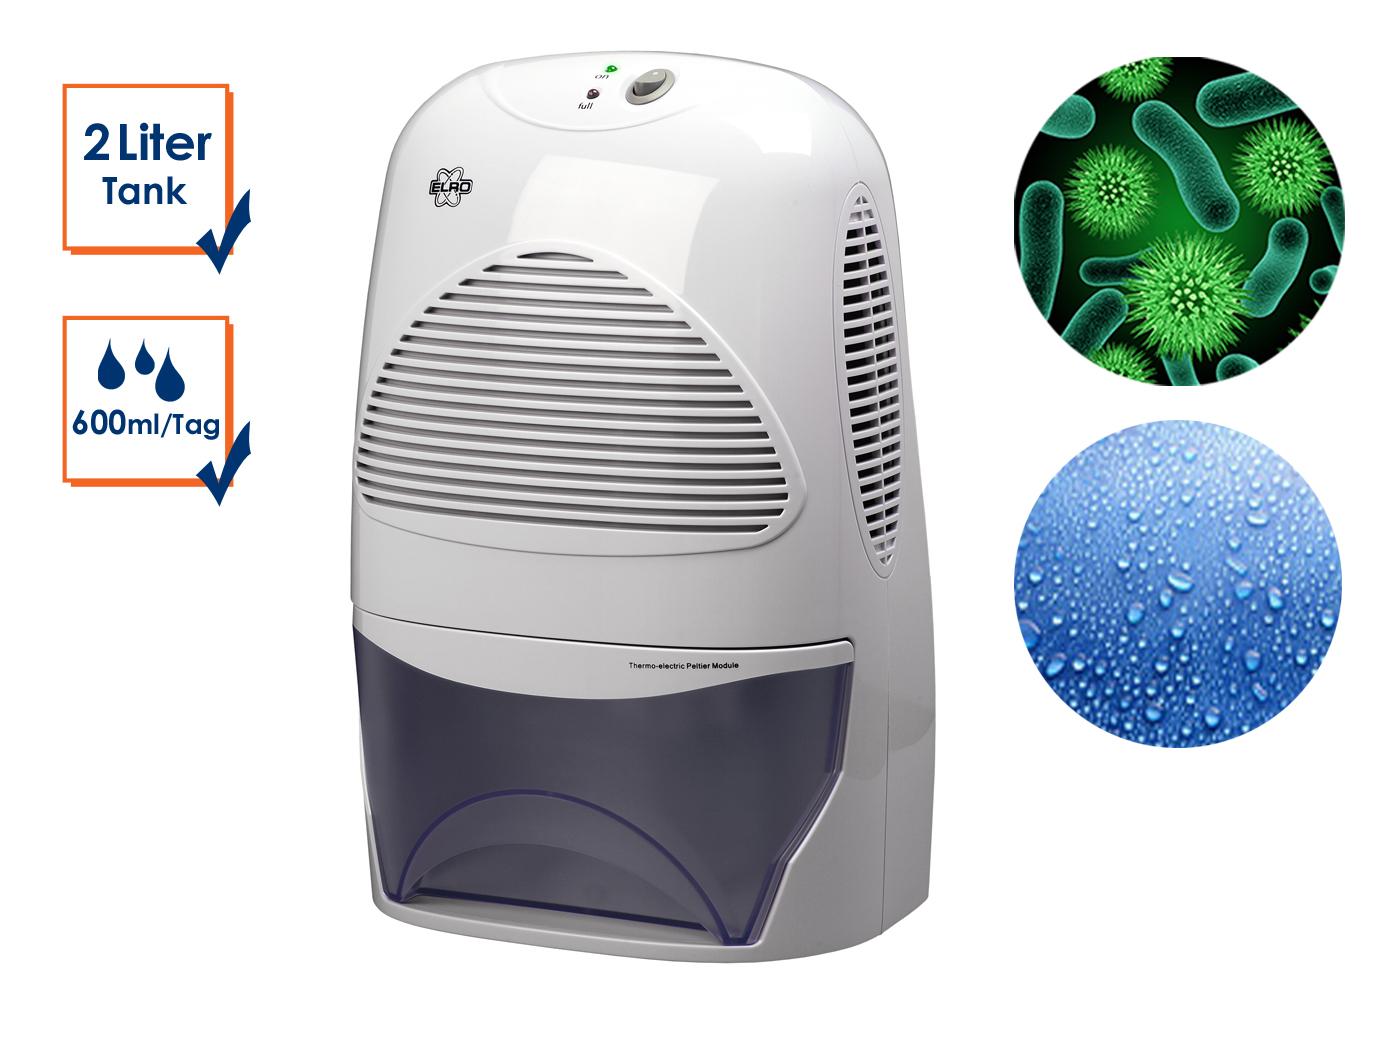 Adsorbimento asciugatrice per entfeuchten contro muffa-Consumo energetico 69,6 Watt